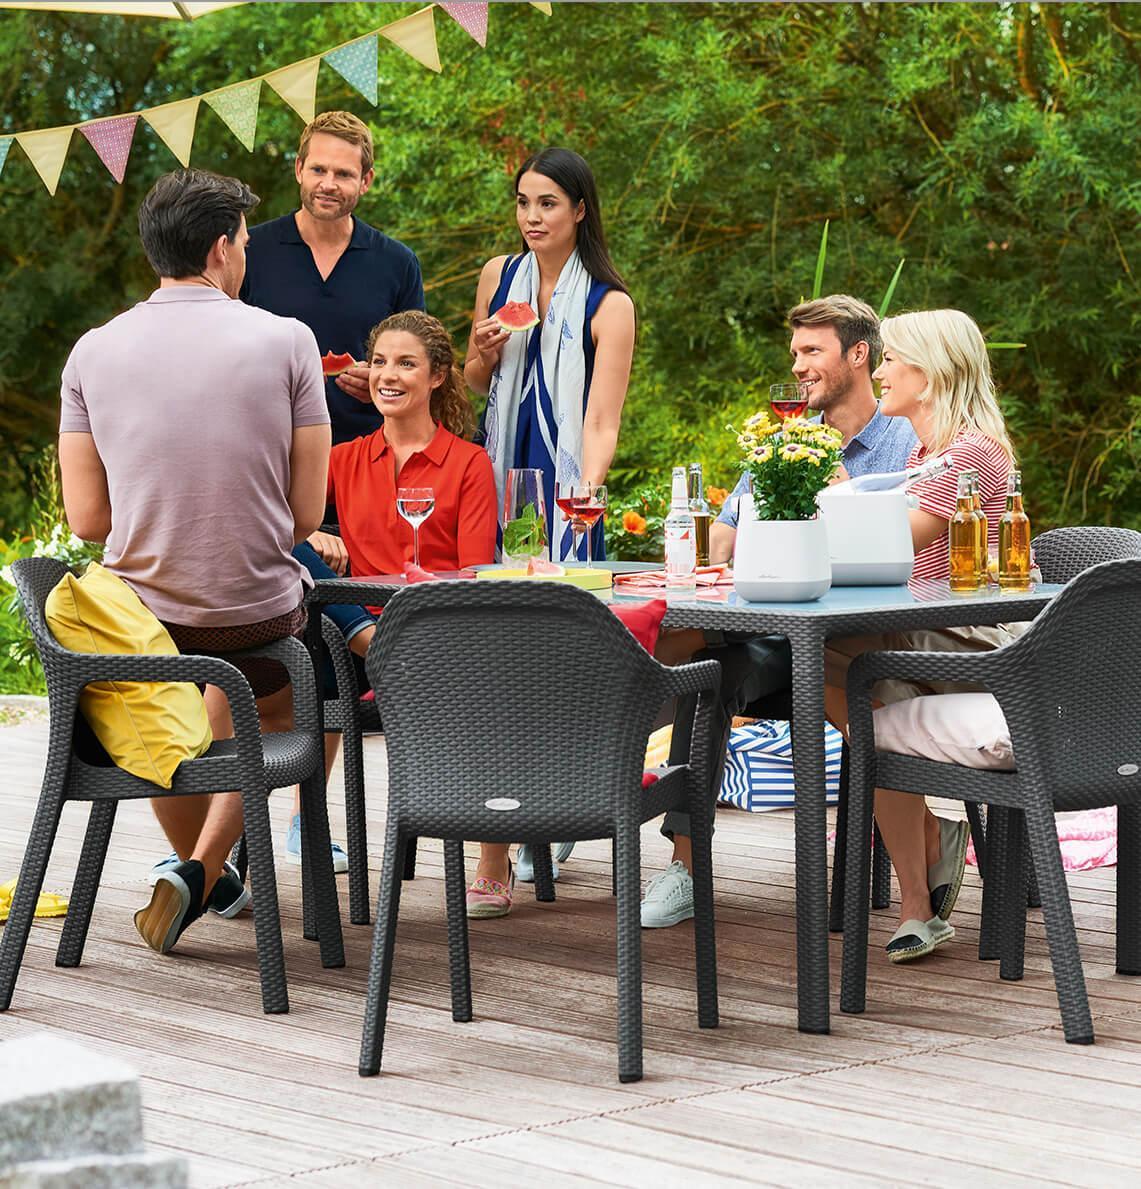 Vrienden vieren een feestje in de tuin en zitten gezellig aan een tafel.